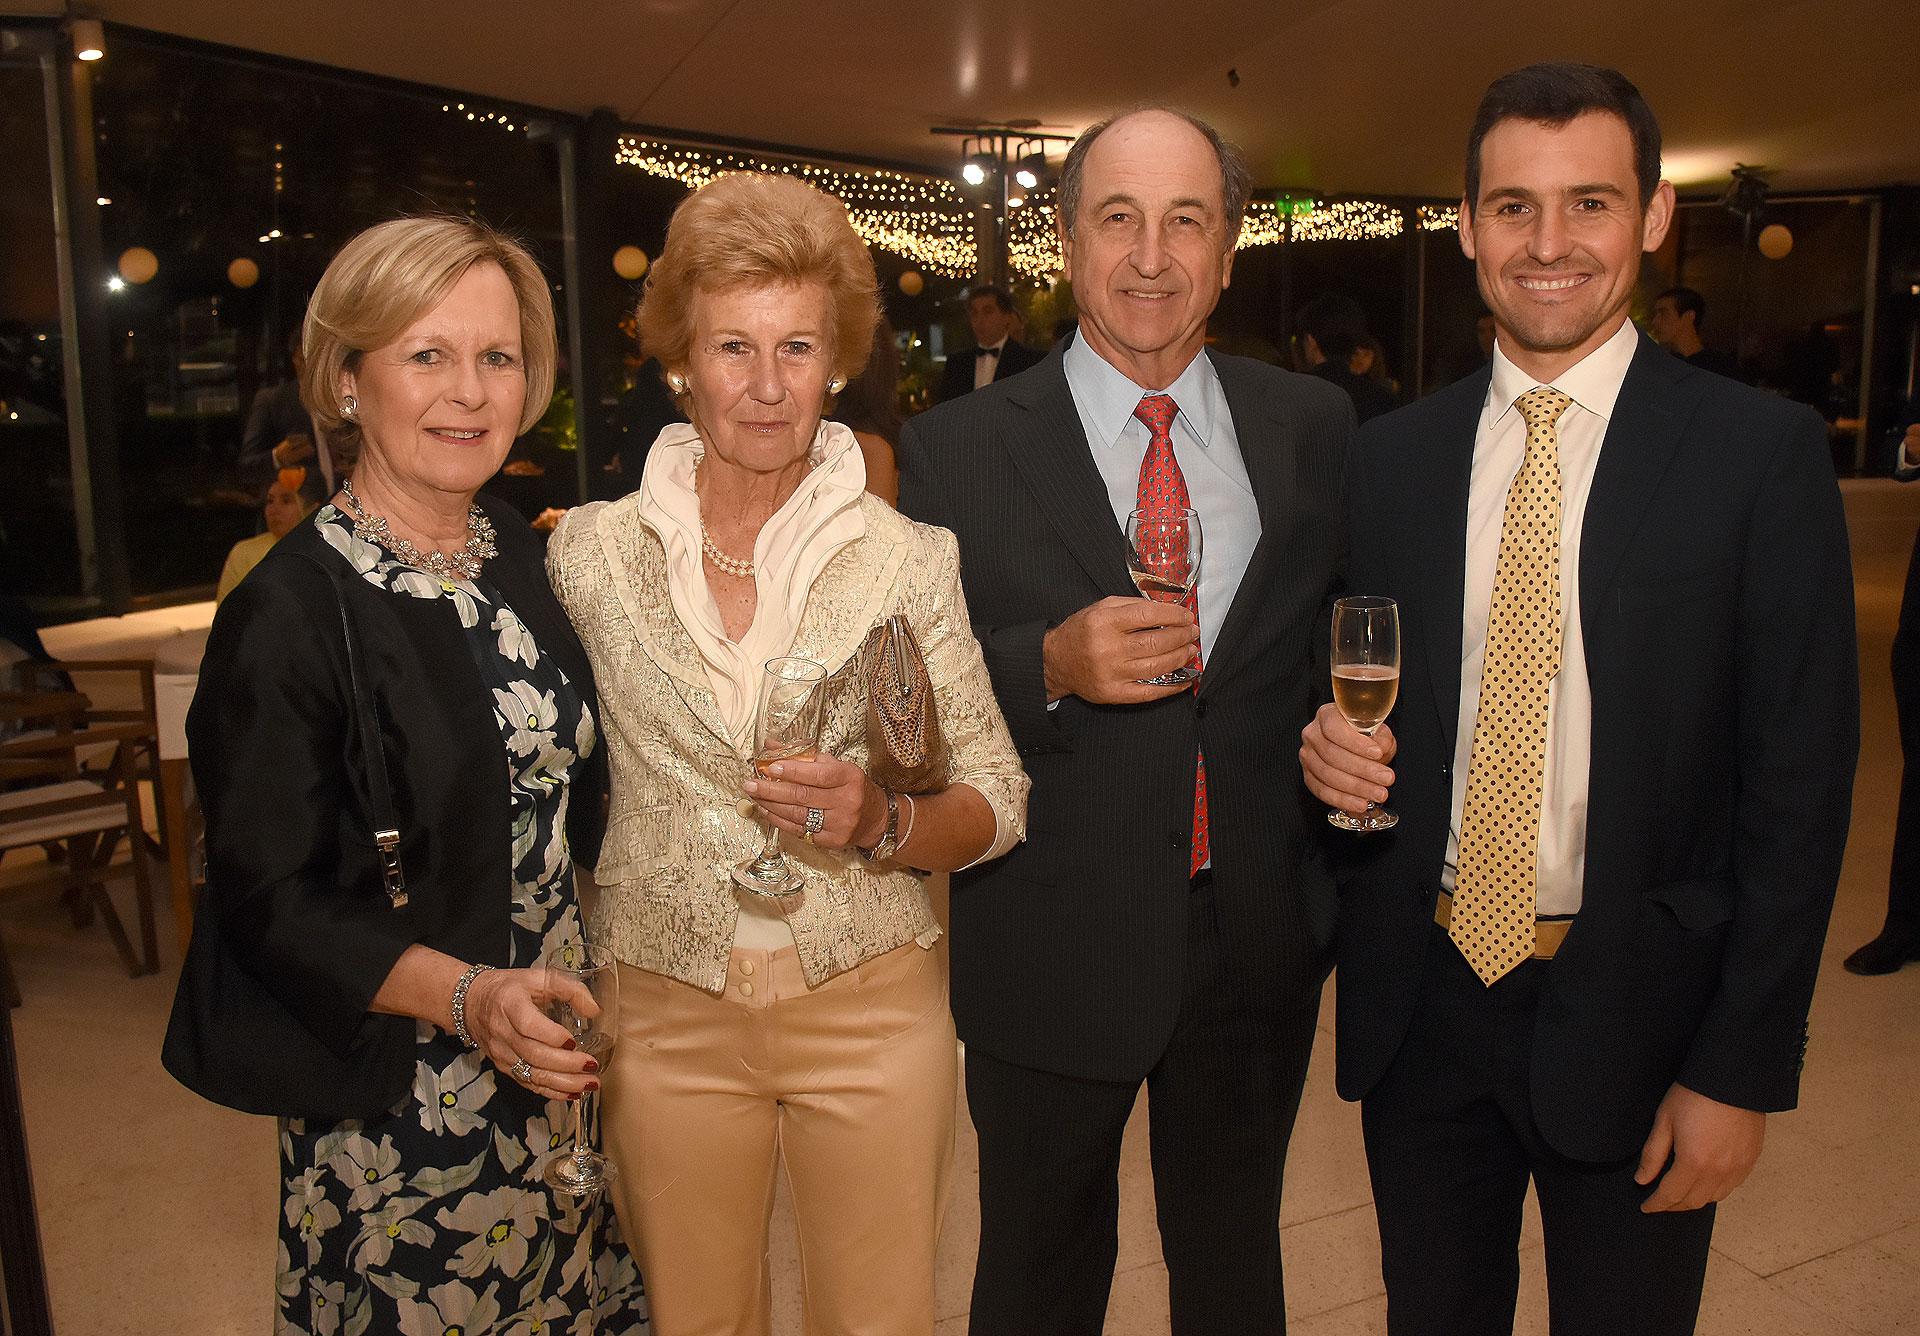 Pancha Lavista, integrante de la Comisión Directiva de Cruzada Patagónica, junto a Giorgio e Inés Matarazzo y su hijo Francisco, quien lidera el comité joven de La Noche de la Patagonia